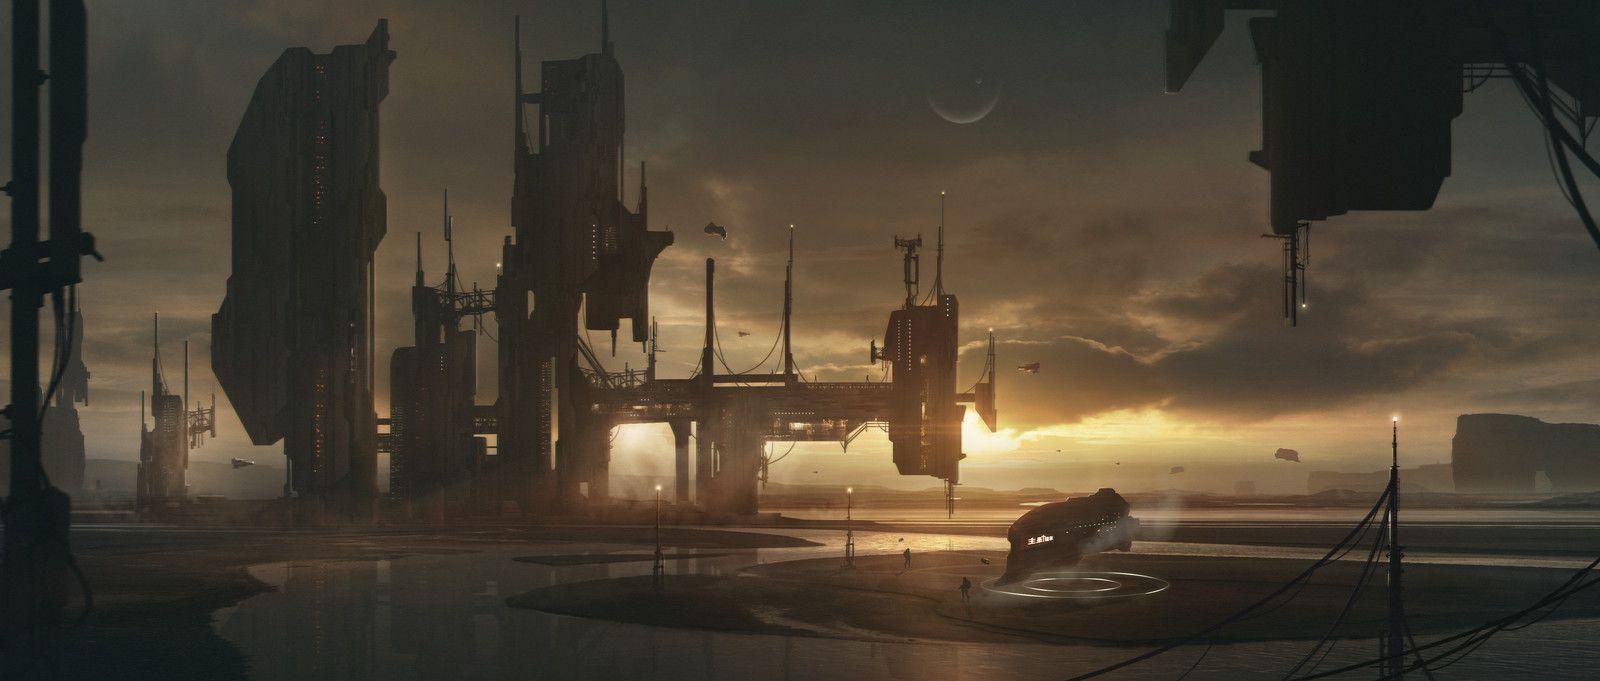 Shipyard, JULIAN CALLE on ArtStation at https://www.artstation.com/artwork/qB6BR